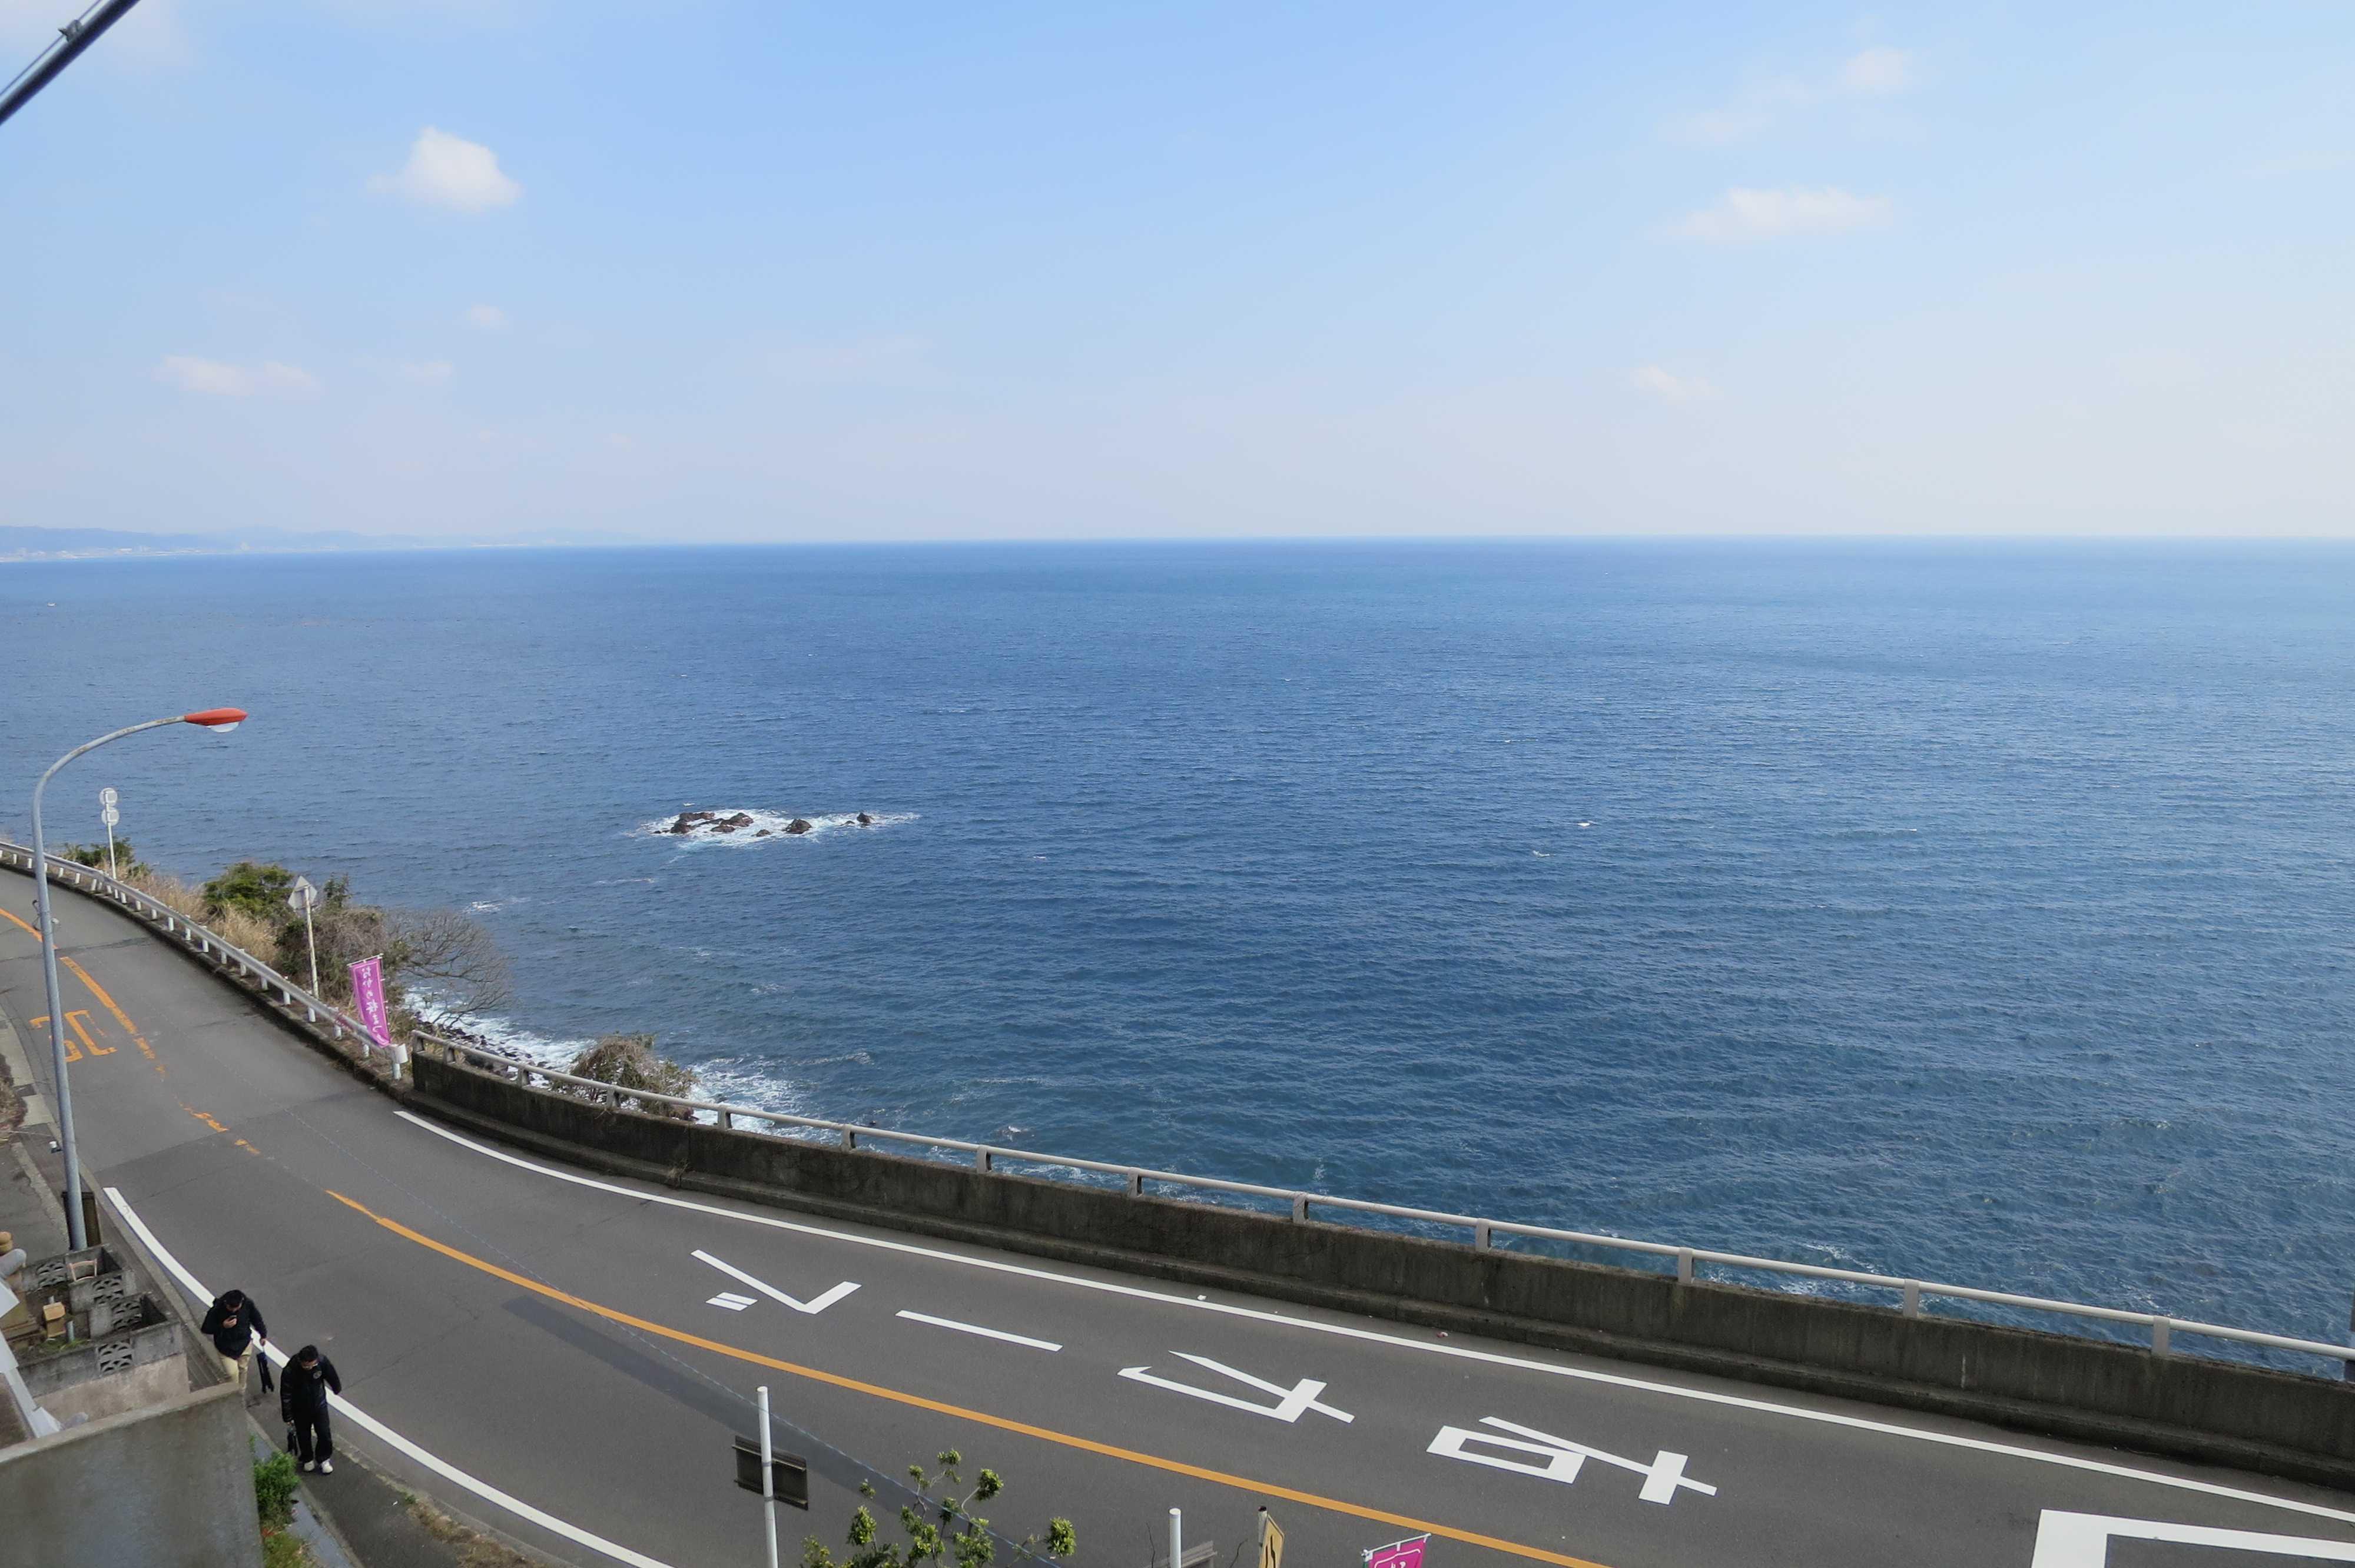 東海道線 - 停車駅( JR根府川駅)